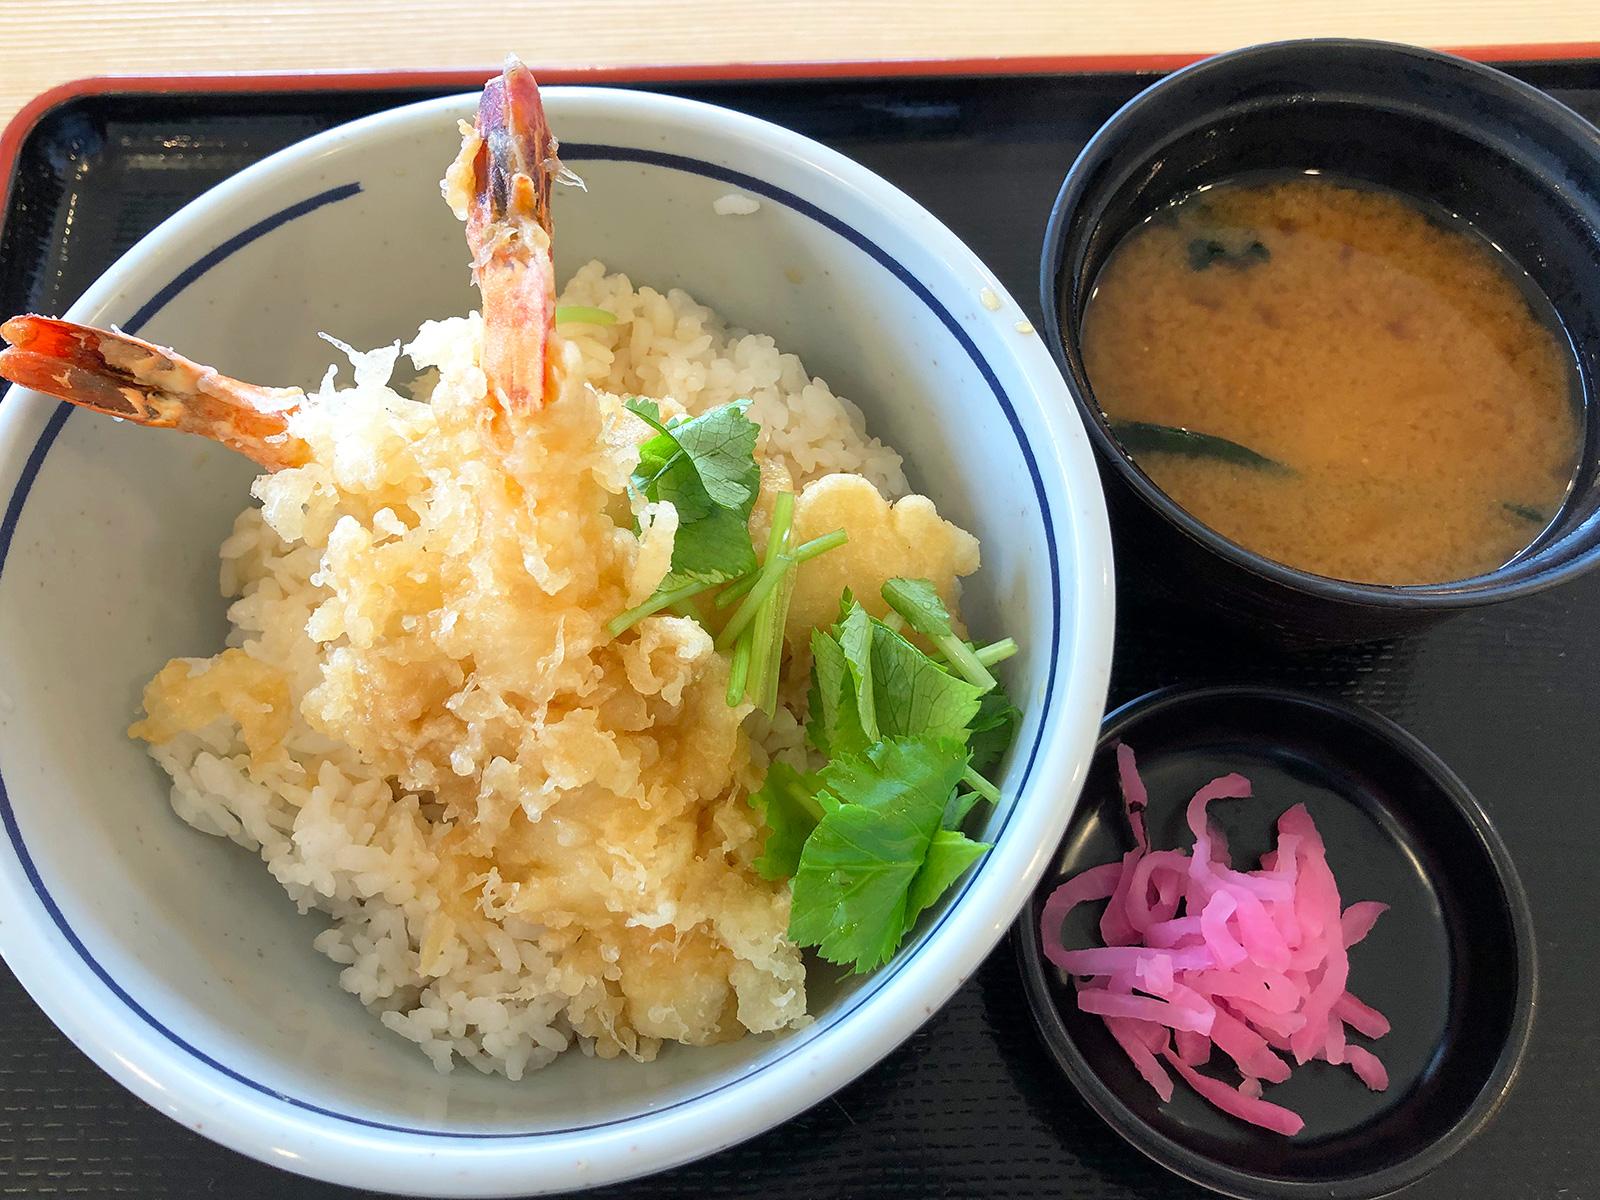 「花の木」の海老天丼ランチ @昭和区名大付属病院